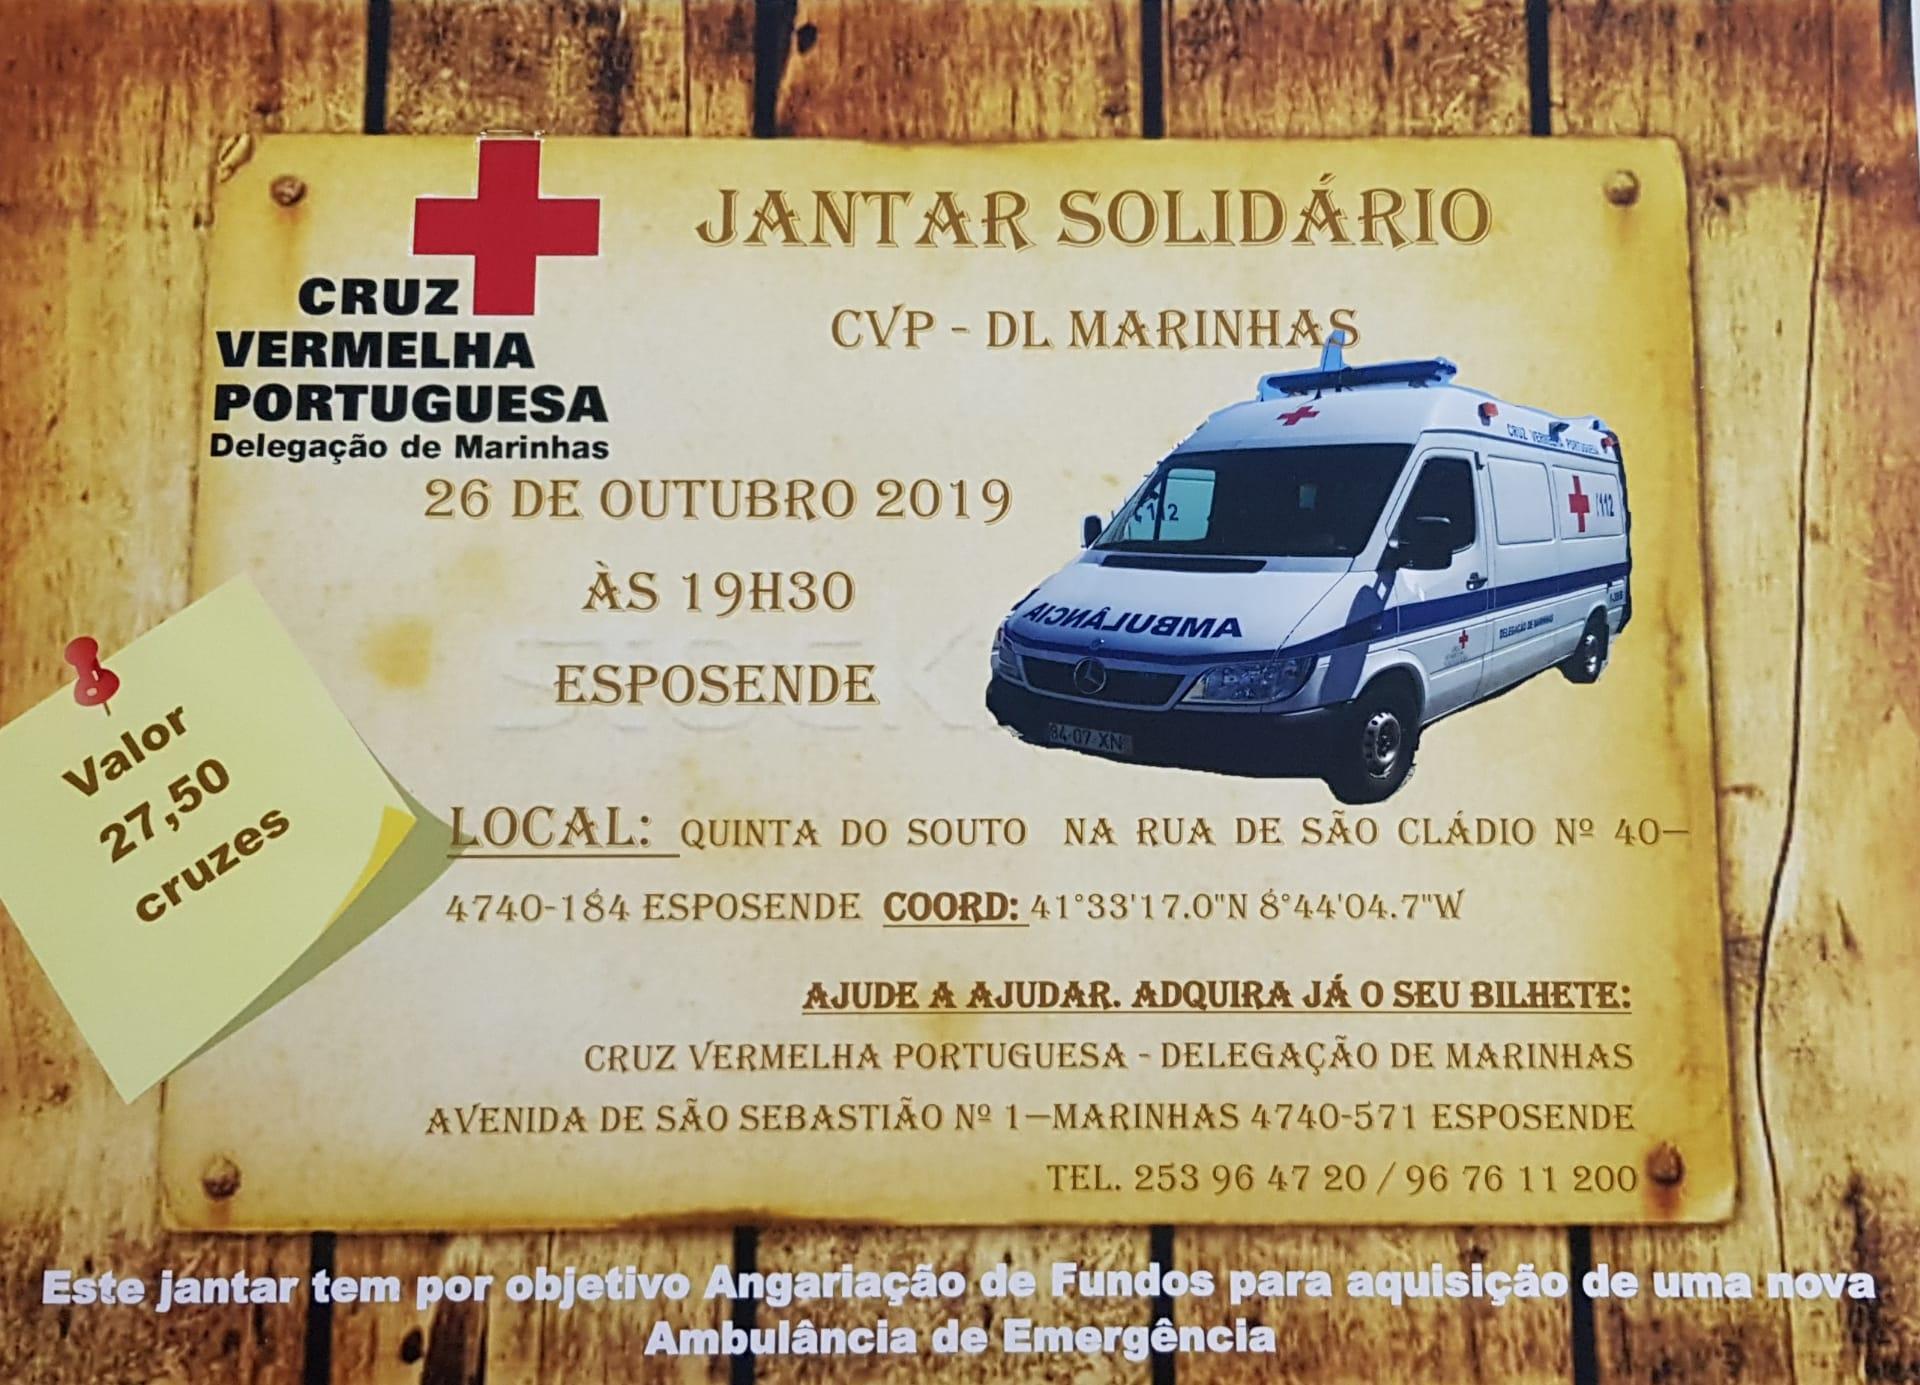 Jantar Solidário Cruz Vermelha Marinhas